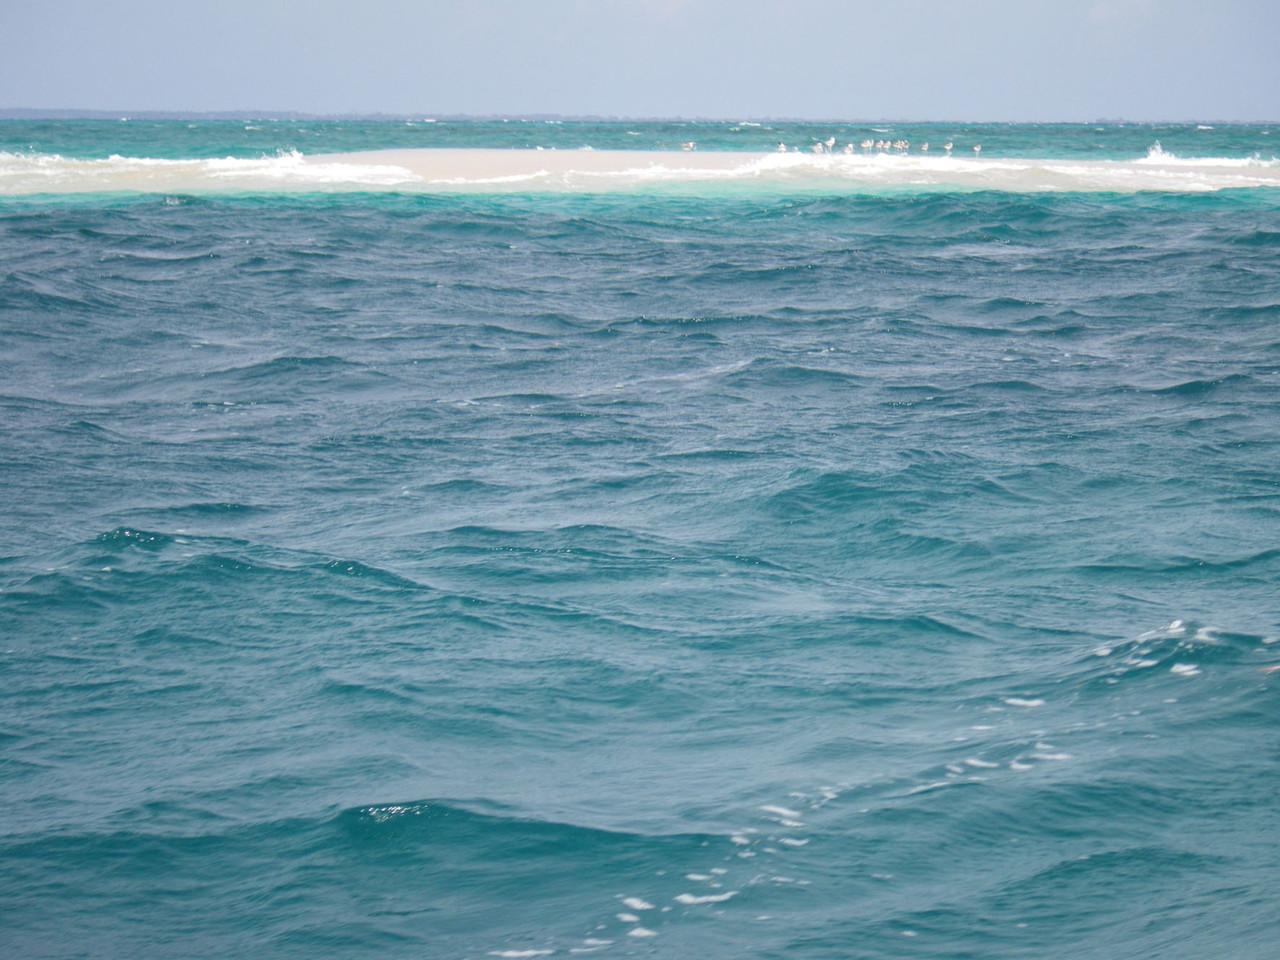 ...da die Flut das ganze Inselchen überspült